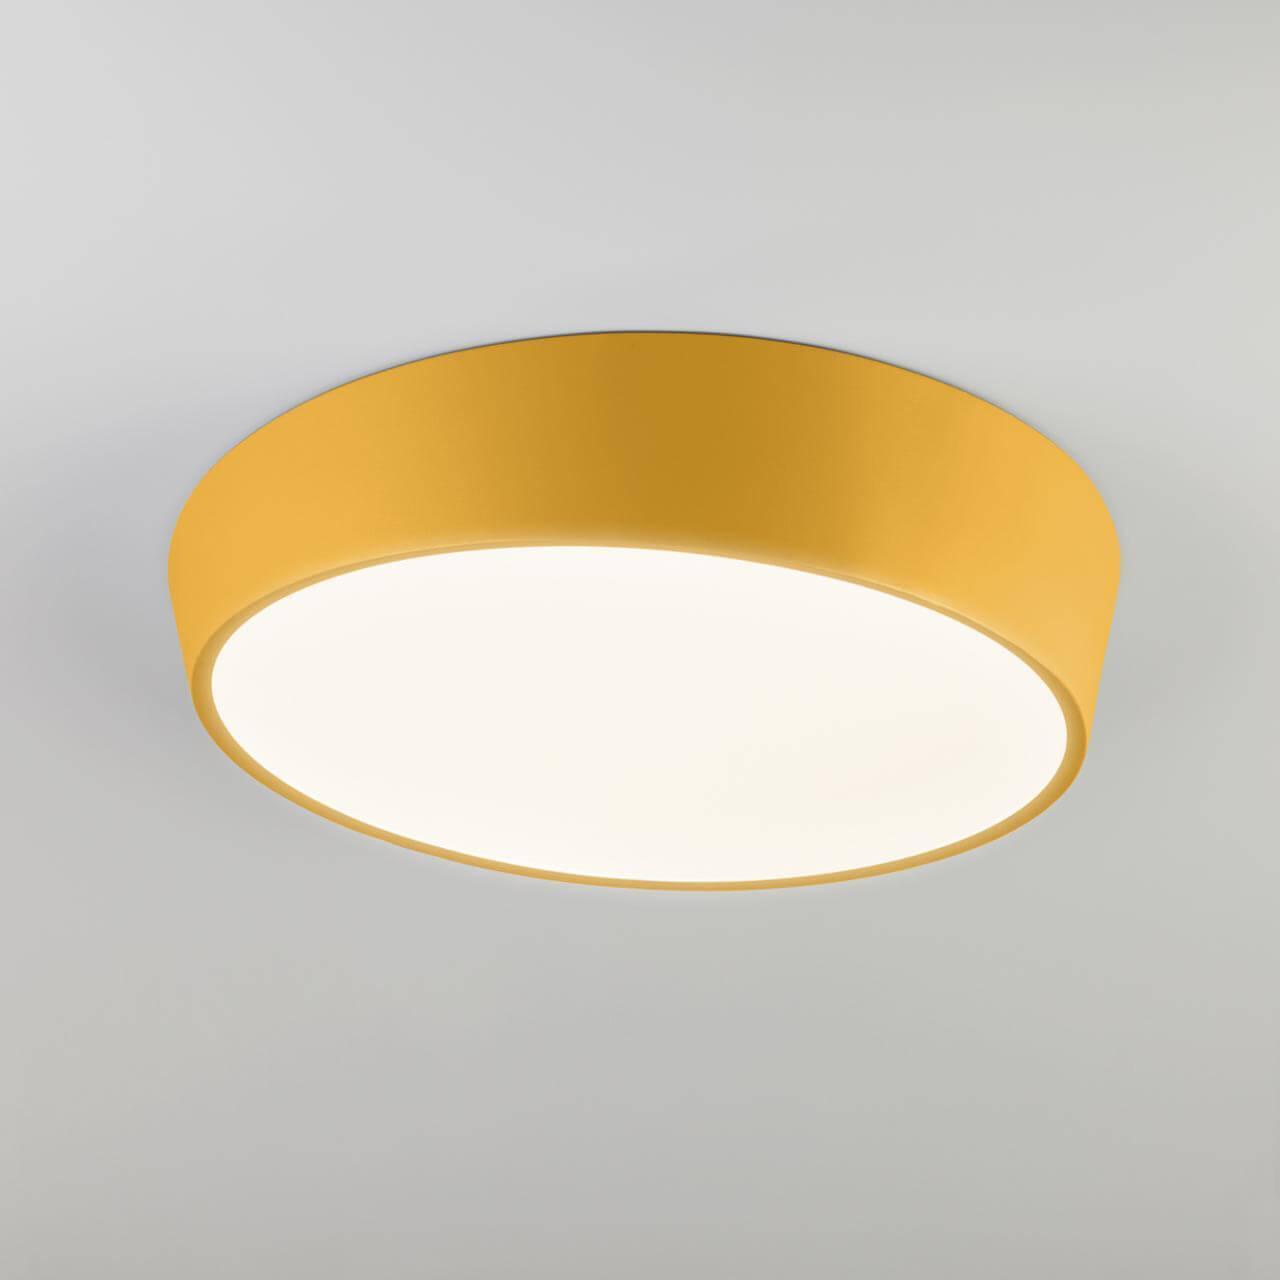 Потолочный светильник Eurosvet 90113/1 желтый, желтый